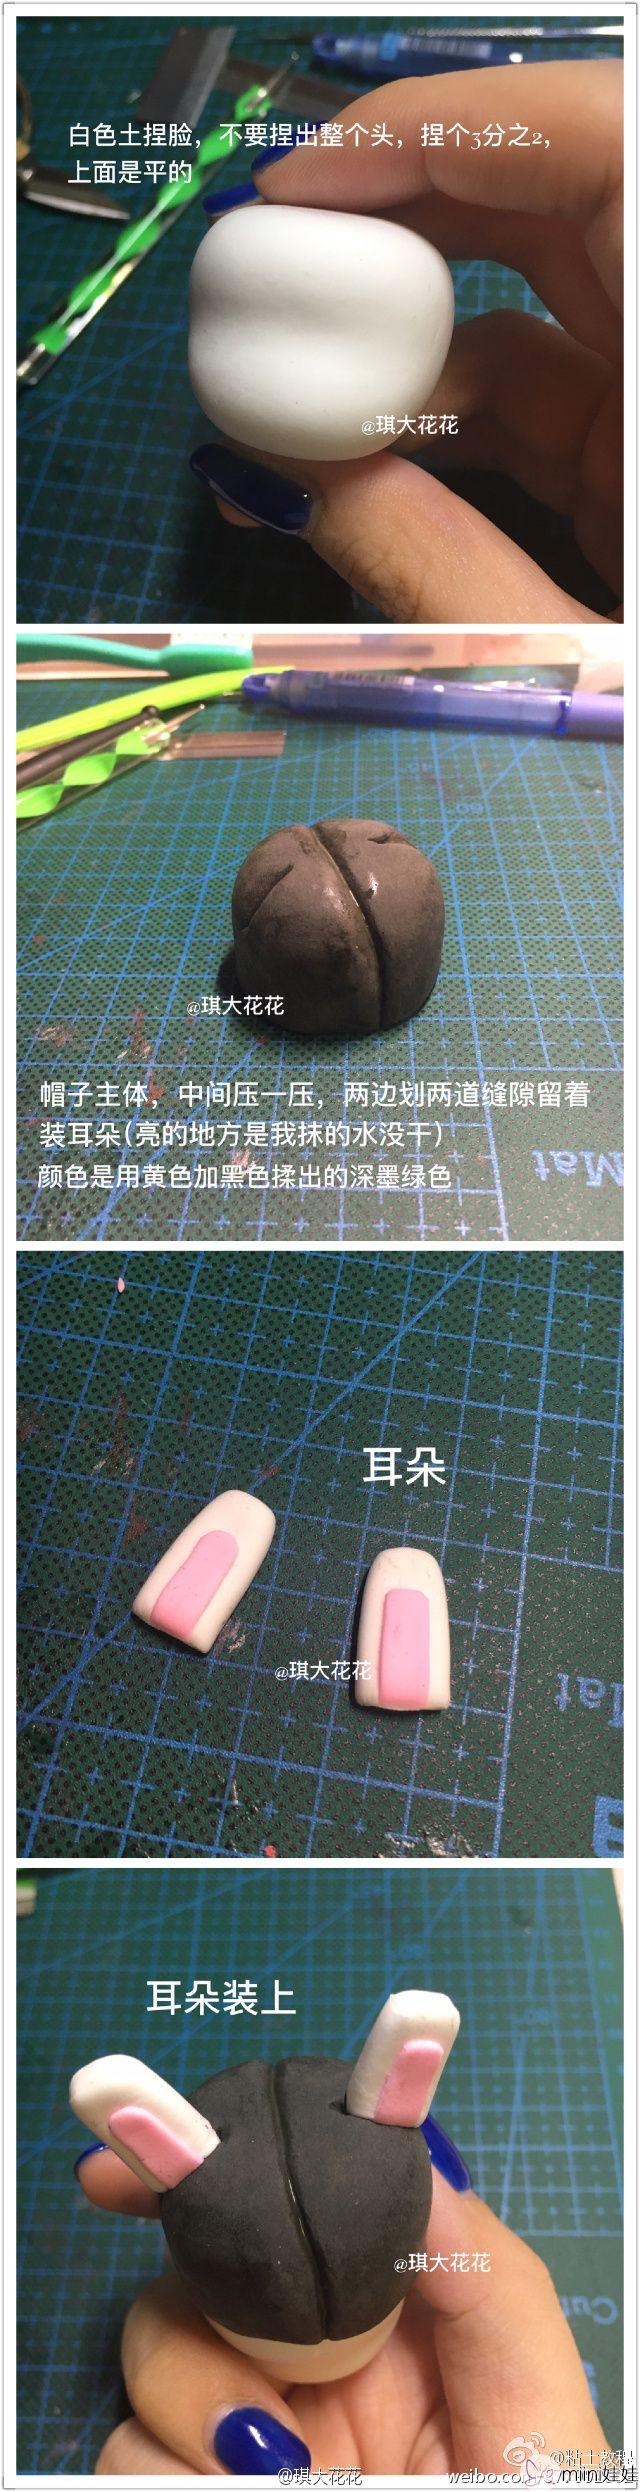 军装那兔<a href=http://www.miini.cn/search-0-495.html target=_blank class=infotextkey>粘土</a>人偶制作教程